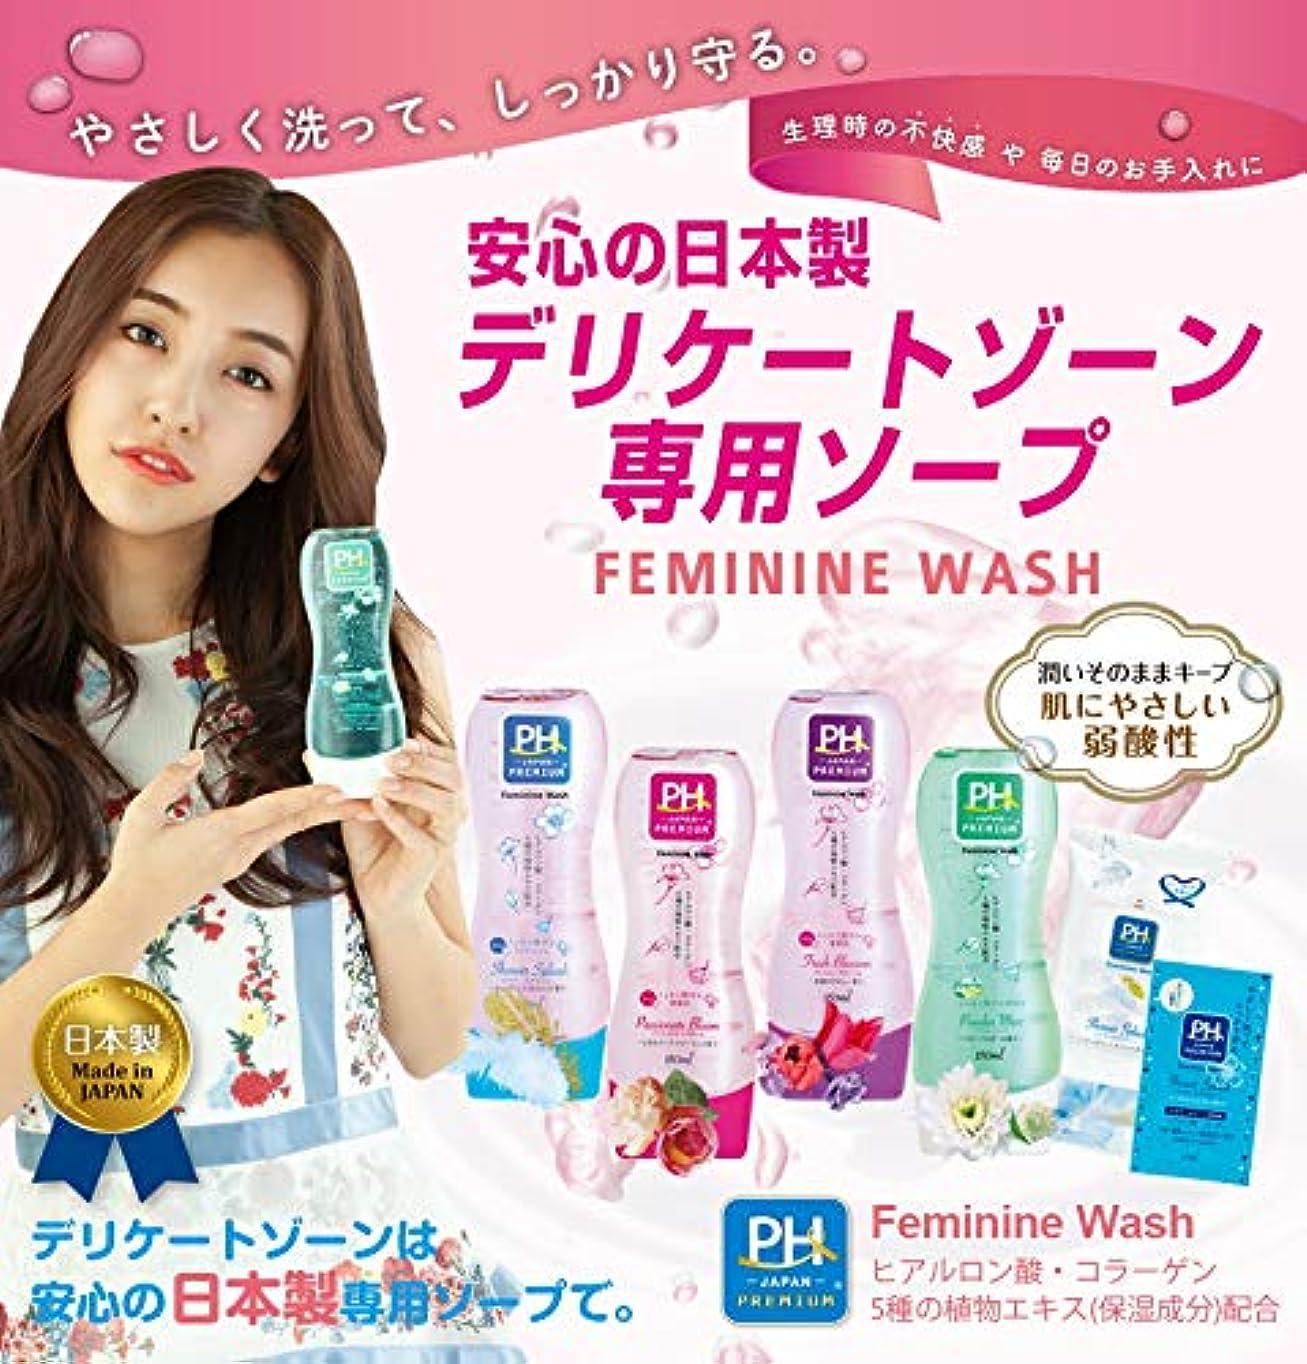 活性化する憲法四面体PH JAPAN プレミアム フェミニンウォッシュ パッショネイトブルーム150ml上品なローズフローラルの香り 3本セット